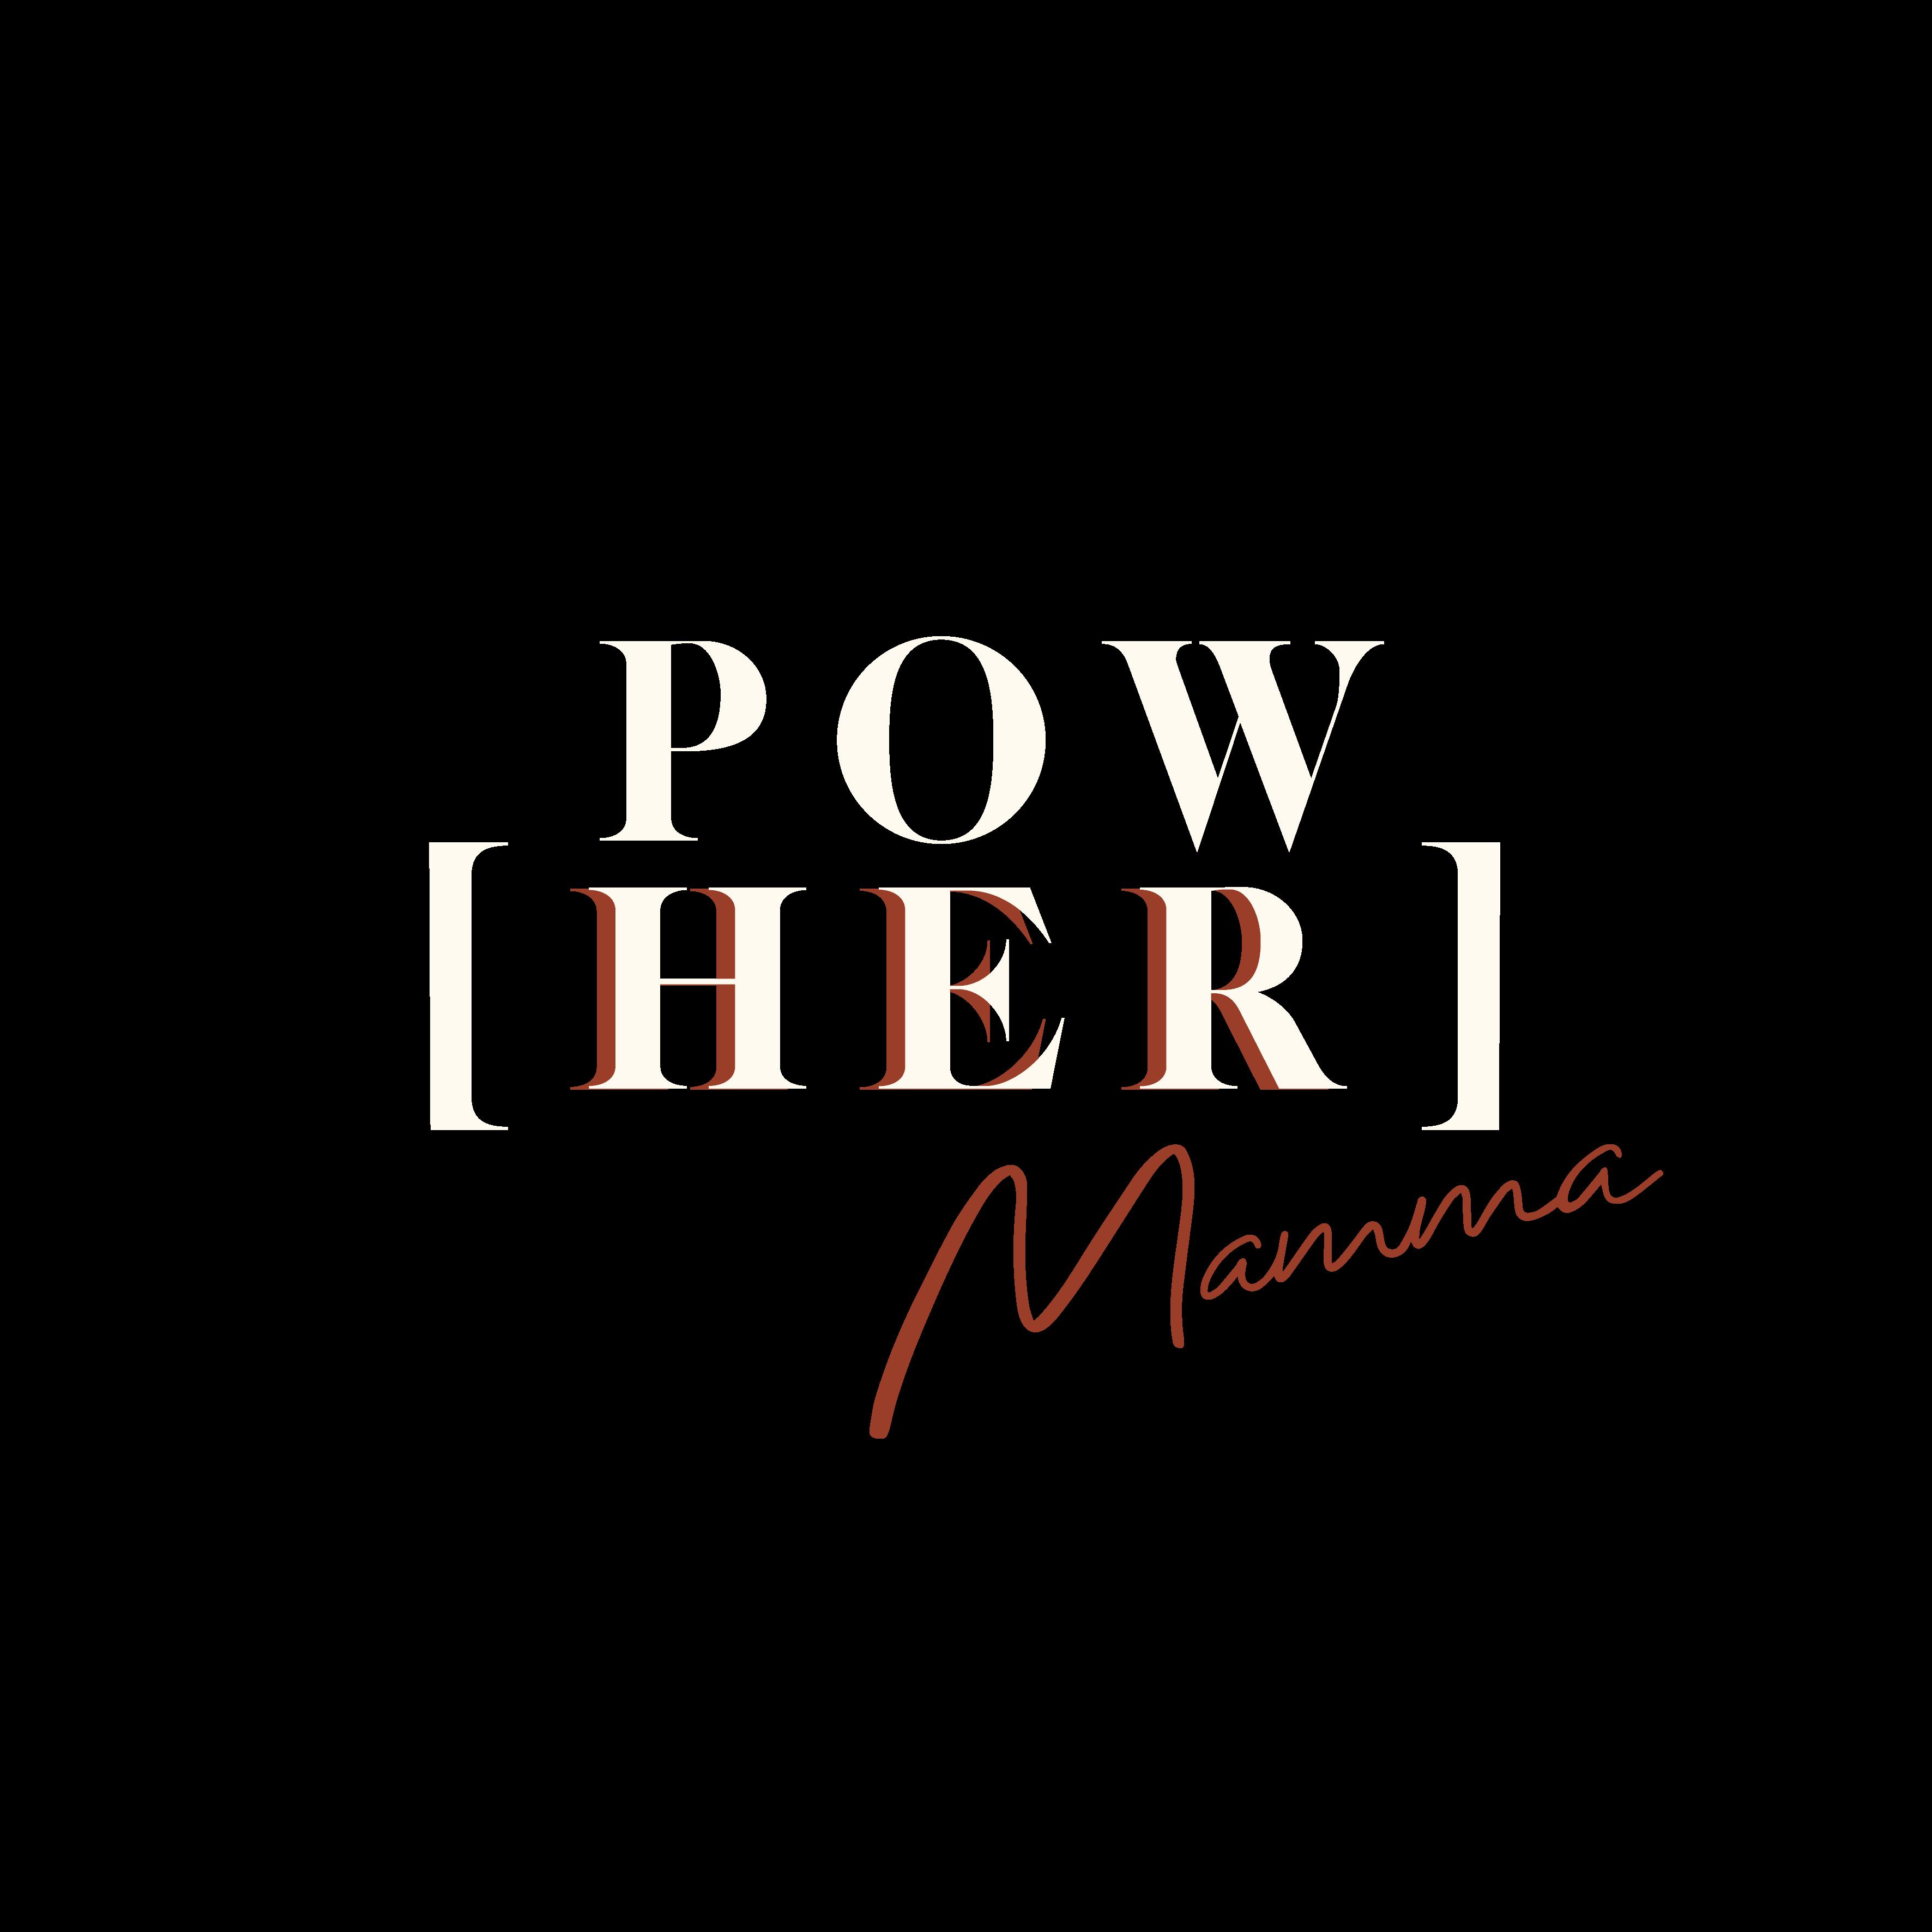 Pow-her logo